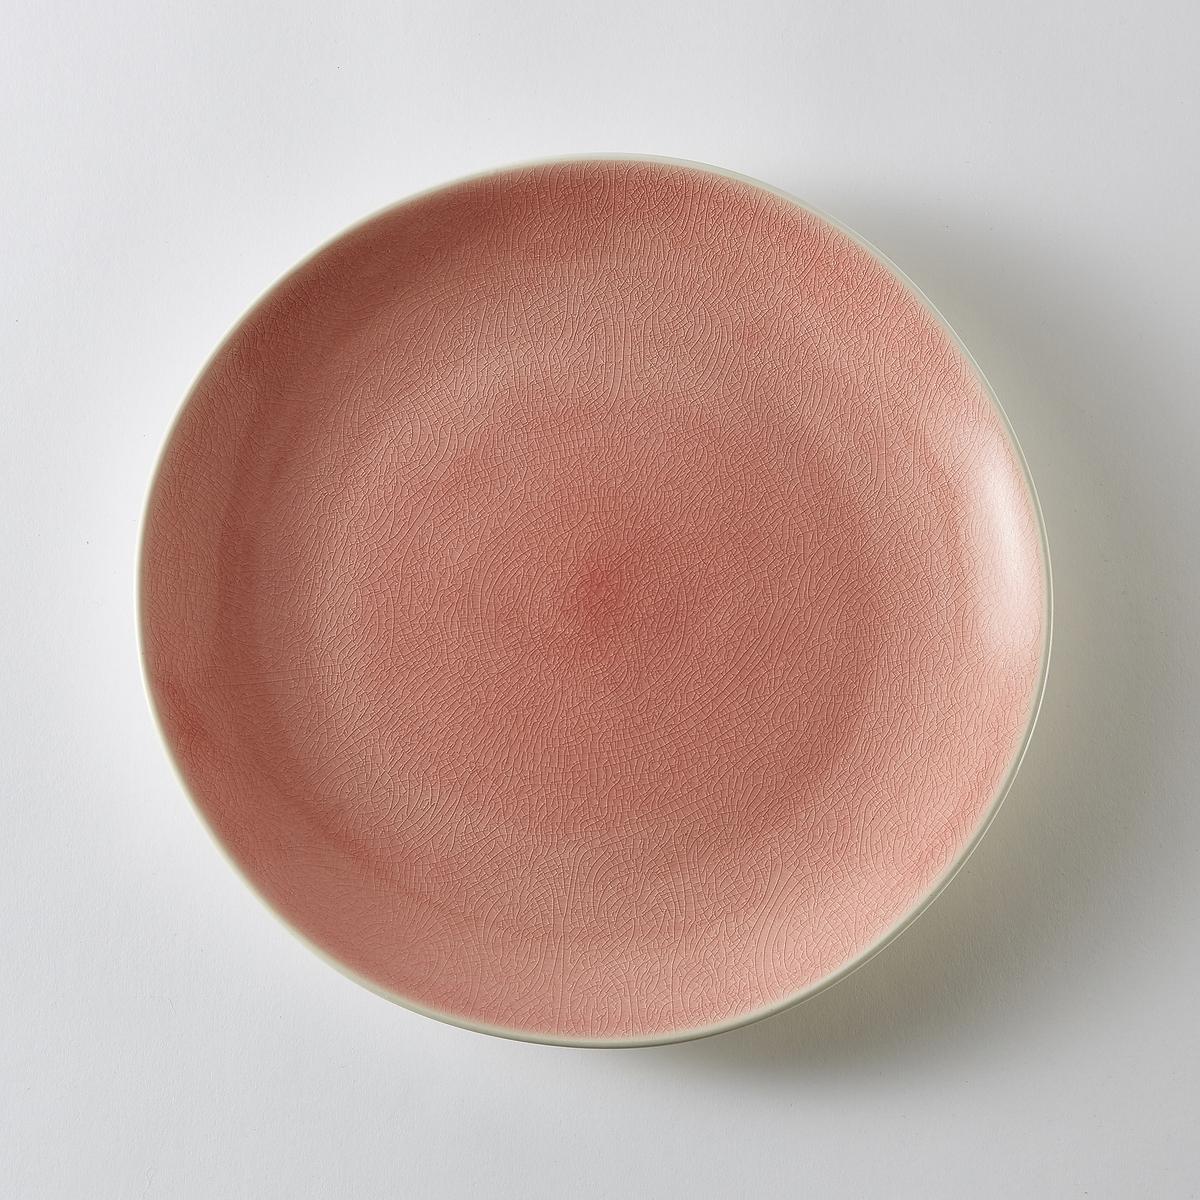 Комплект из 4 мелких тарелок из фаянса GogainХарактеристики 4 мелких тарелок из фаянса Gogain    :- Фаянс с матовой отделкой снаружи, внутри - с отделкой контрастными кракелюрами .- Диаметр 27 см  .- Можно использовать в посудомоечных машинах и микроволновых печах.Всю коллекцию посуды Gogain вы можете найти на сайте laredoute.ru<br><br>Цвет: зеленый,серо-синий,темно-розовый